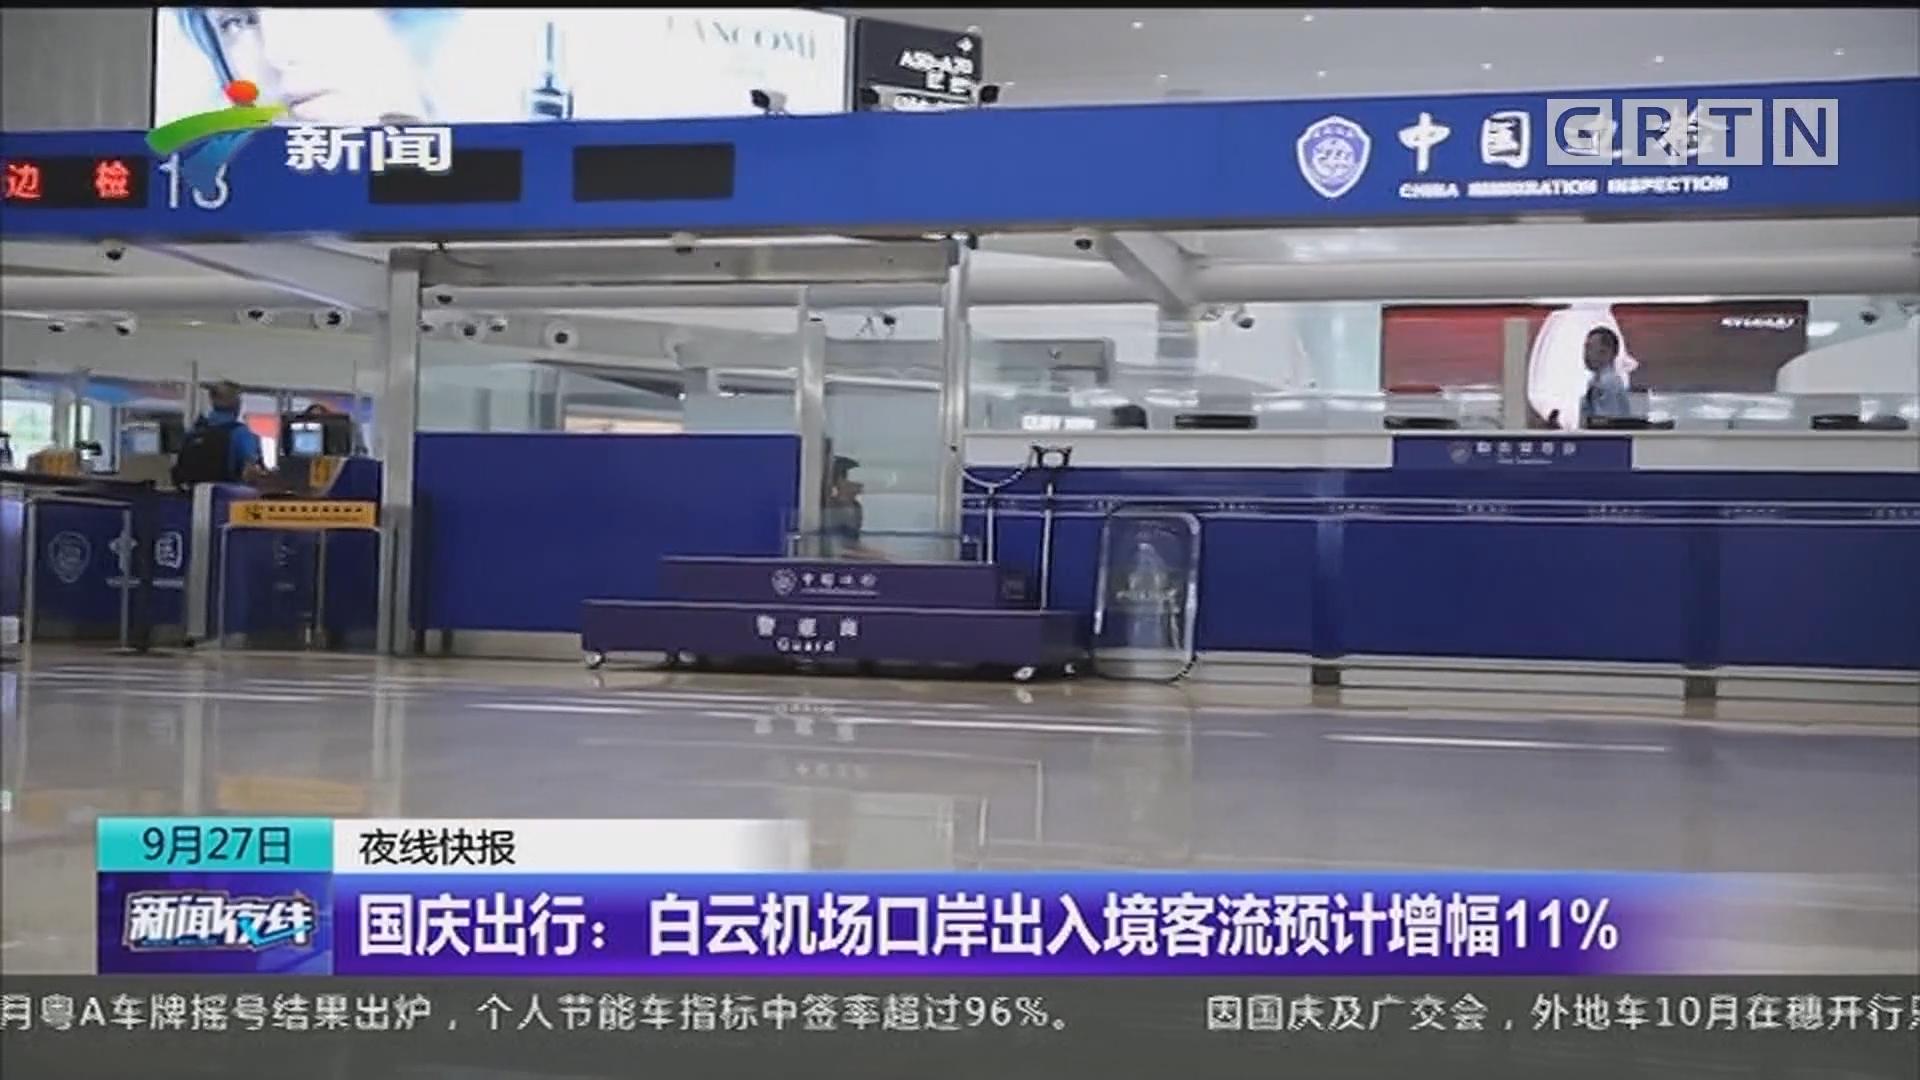 国庆出行:白云机场口岸出入境客流预计增幅11%